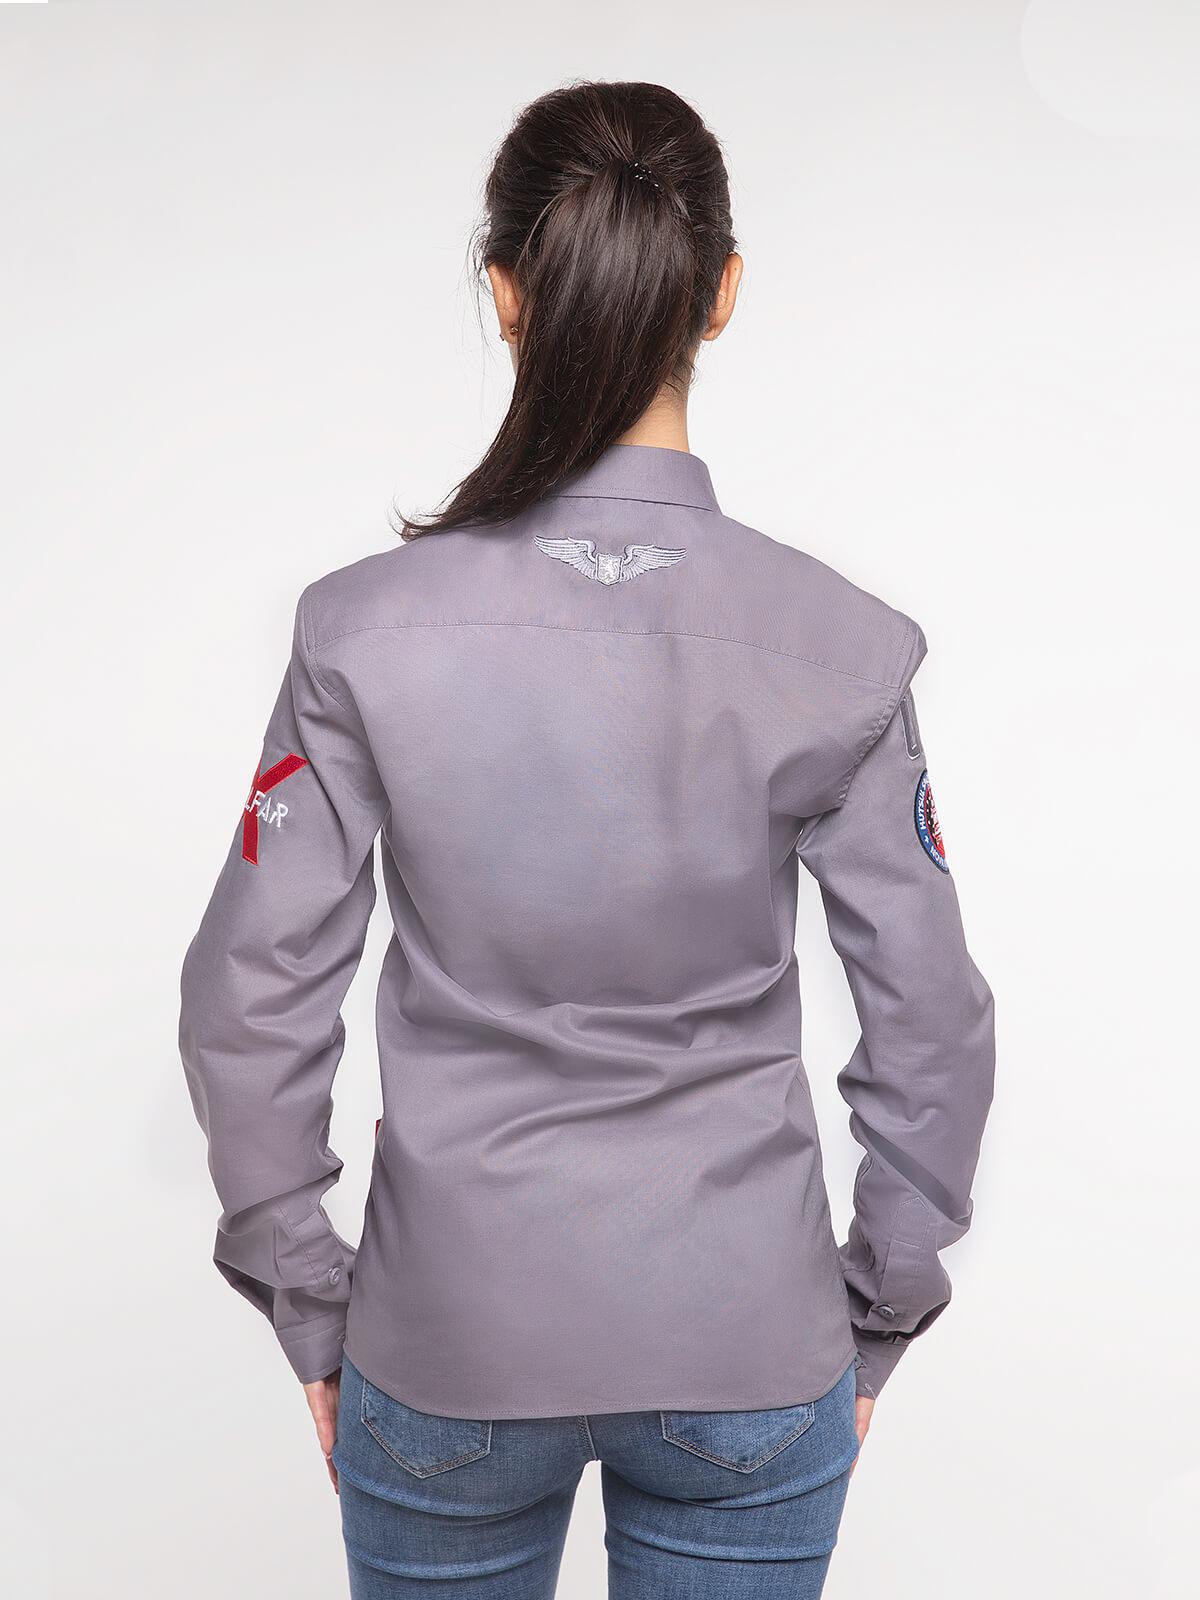 Жіноча Сорочка Molfar-X. Колір сірий.  Технологія нанесення зображень: шовкодрук, вишивка.